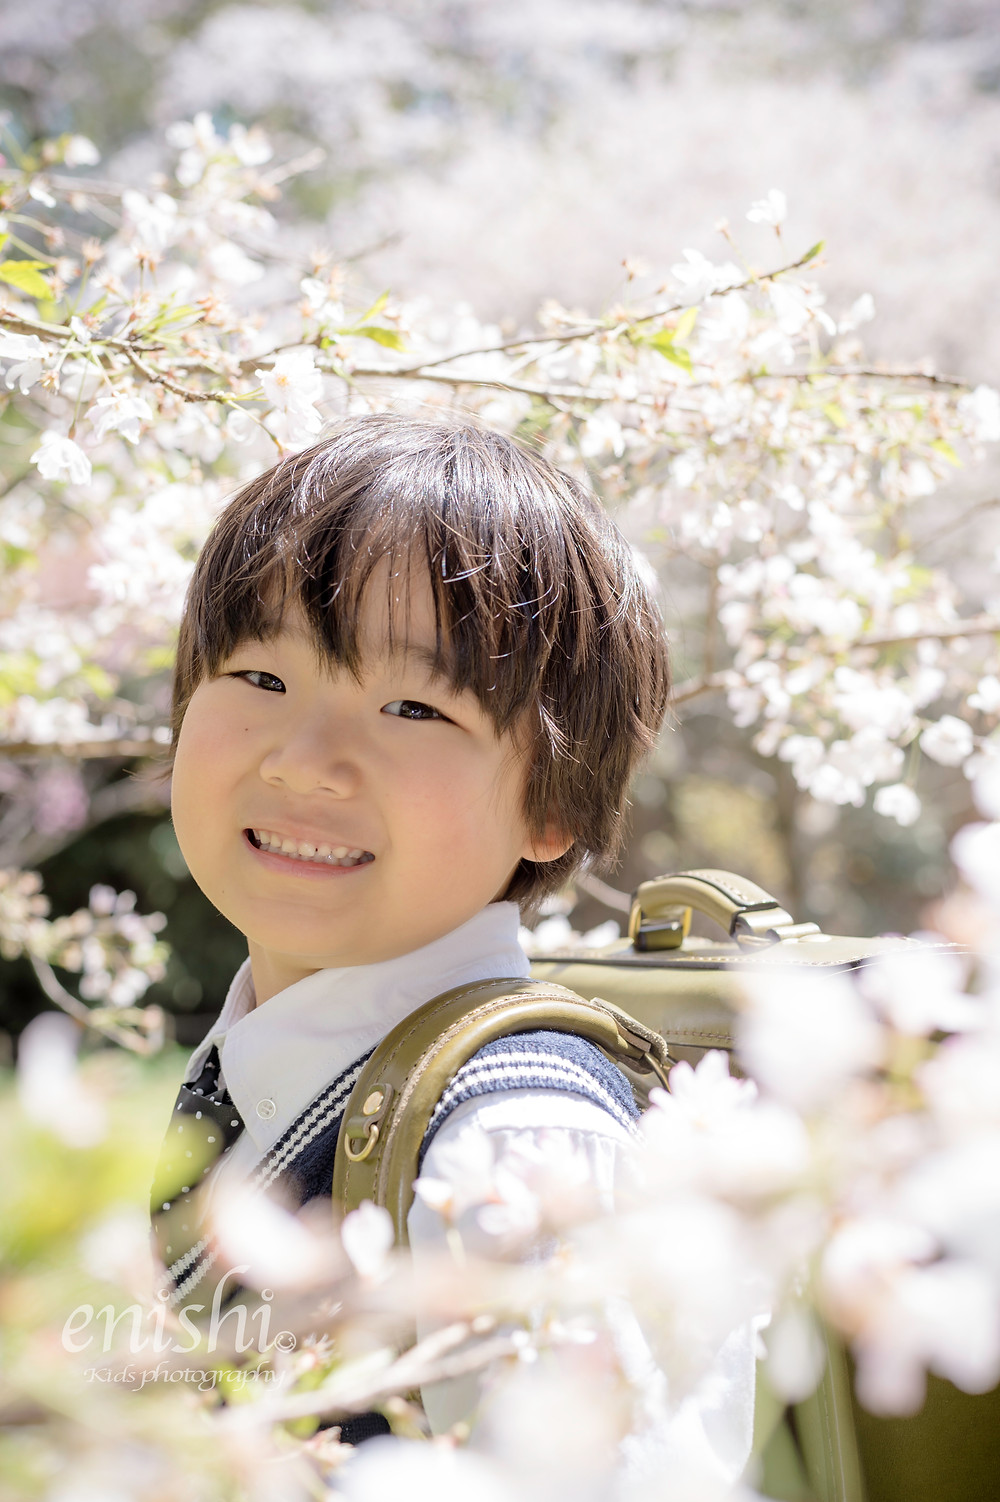 ロケーションフォト / ランドセル写真 / 出張撮影 / 神奈川県相模原市